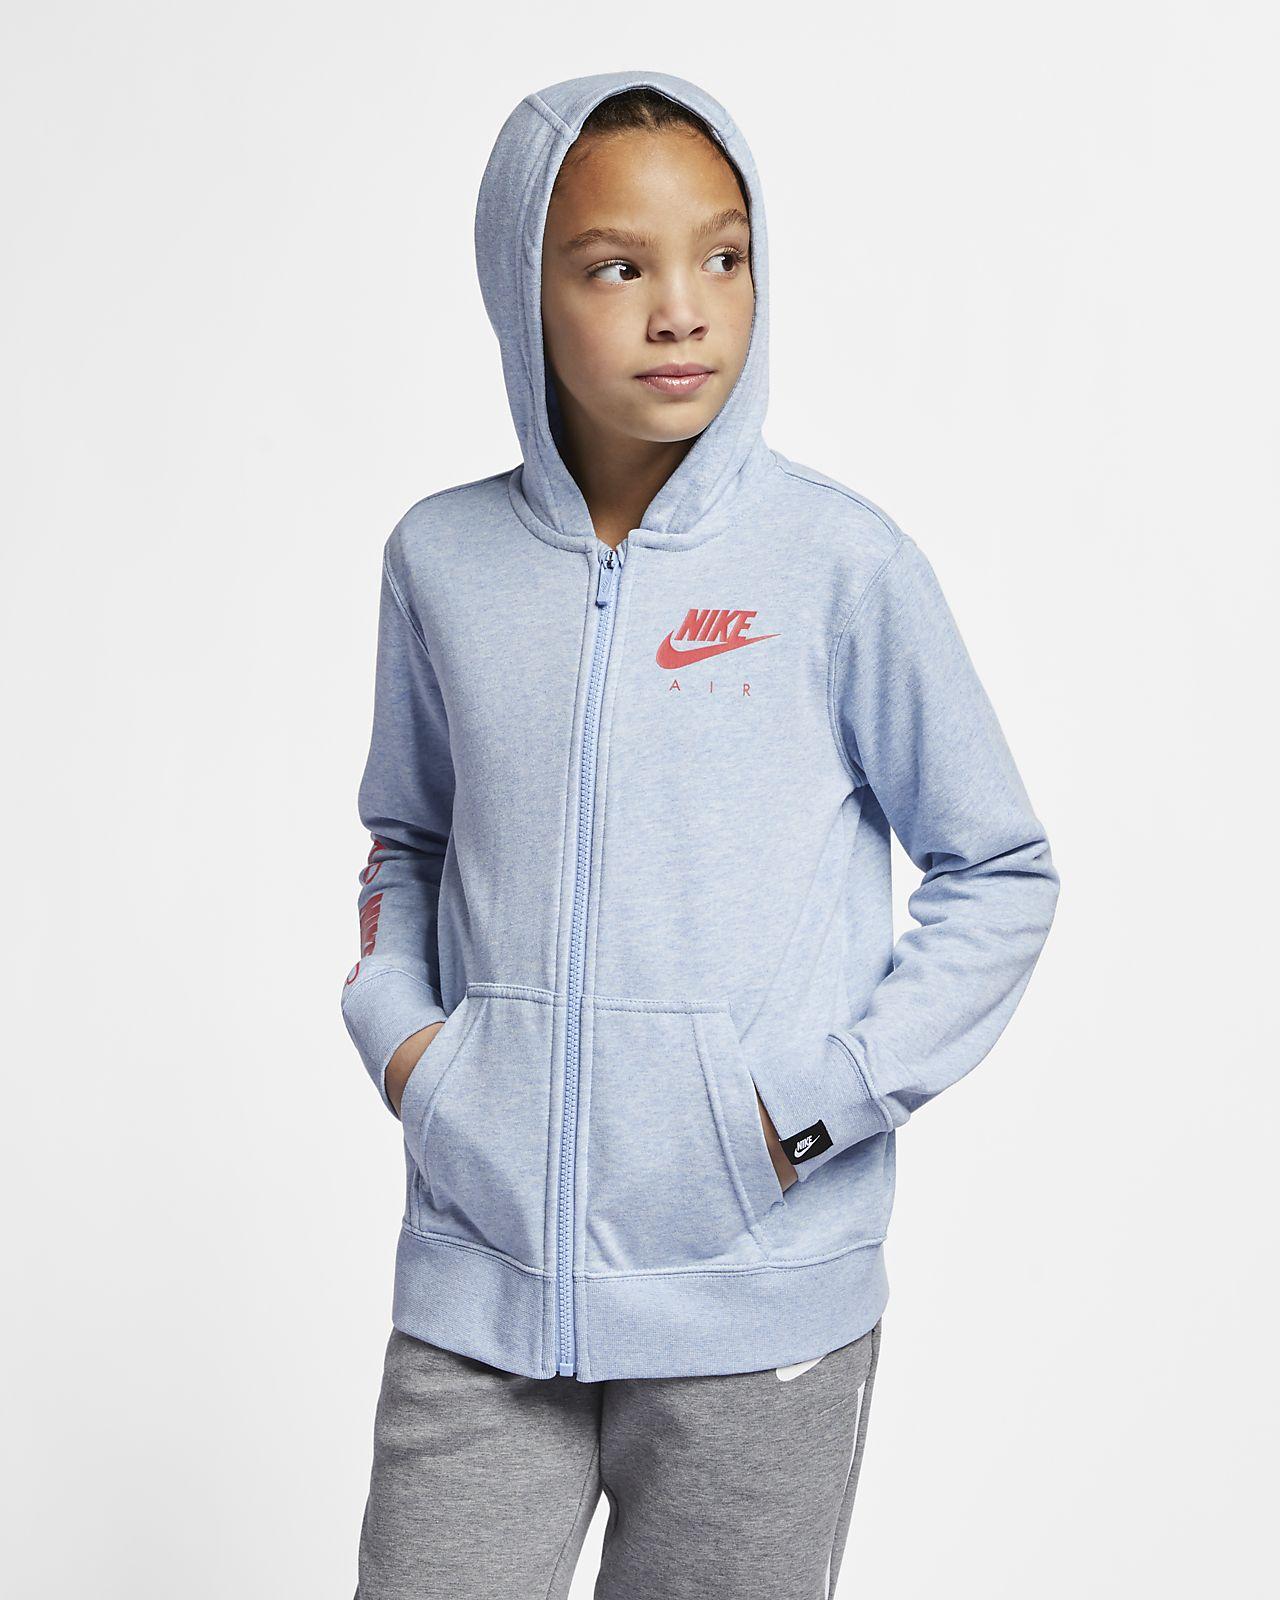 8e5ad083e742 Nike Air Older Kids  (Girls ) Full-Zip Hoodie. Nike.com AU